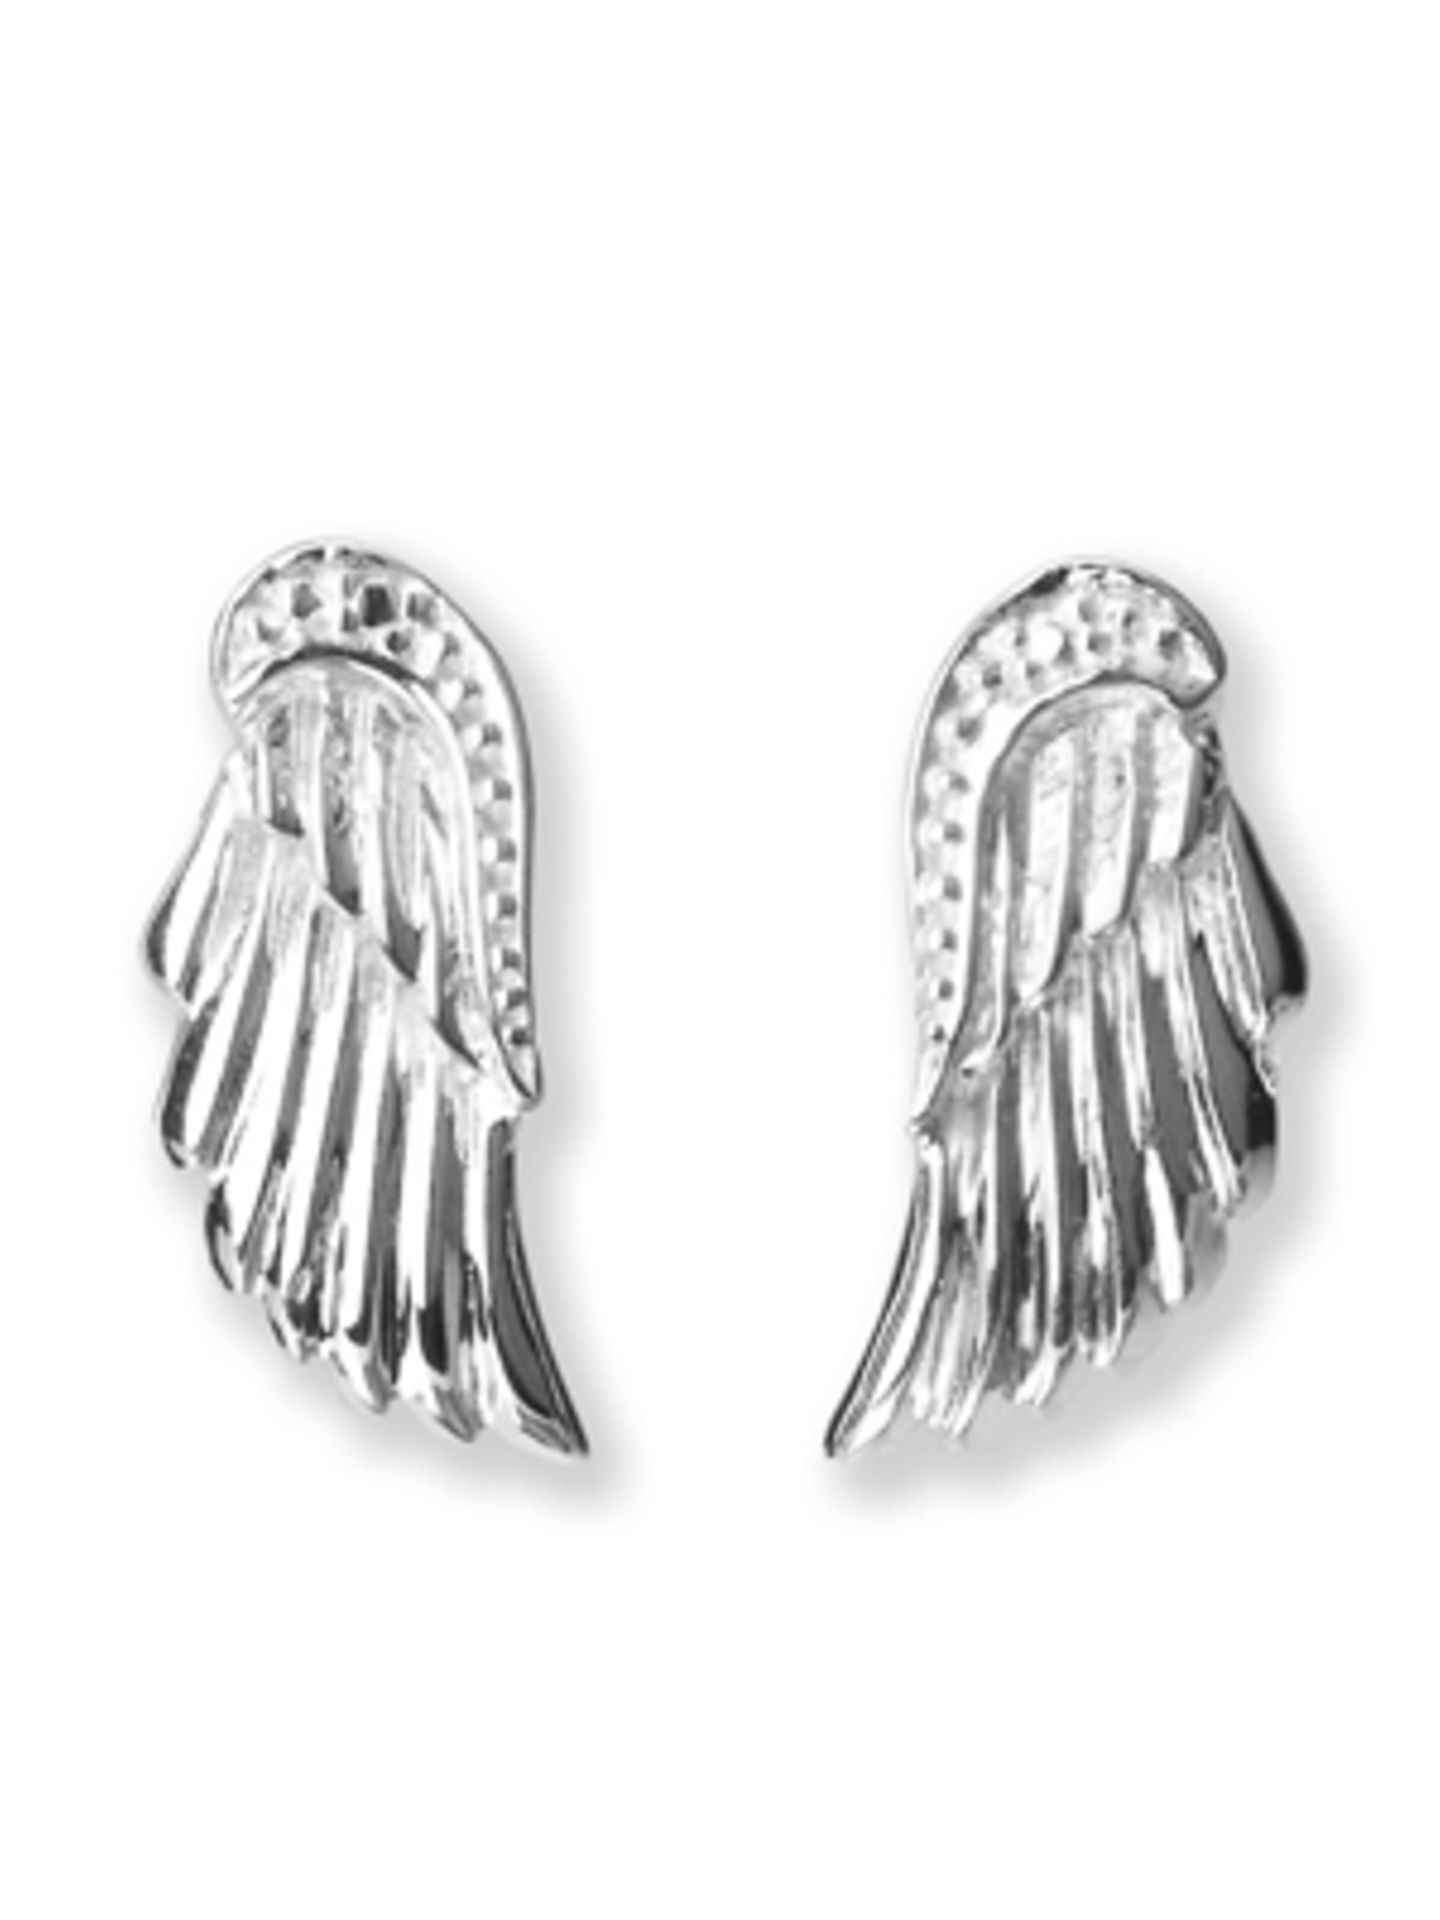 Silberohrringe in Engelsflügel-Form von Heartbreaker, um 40 Euro.